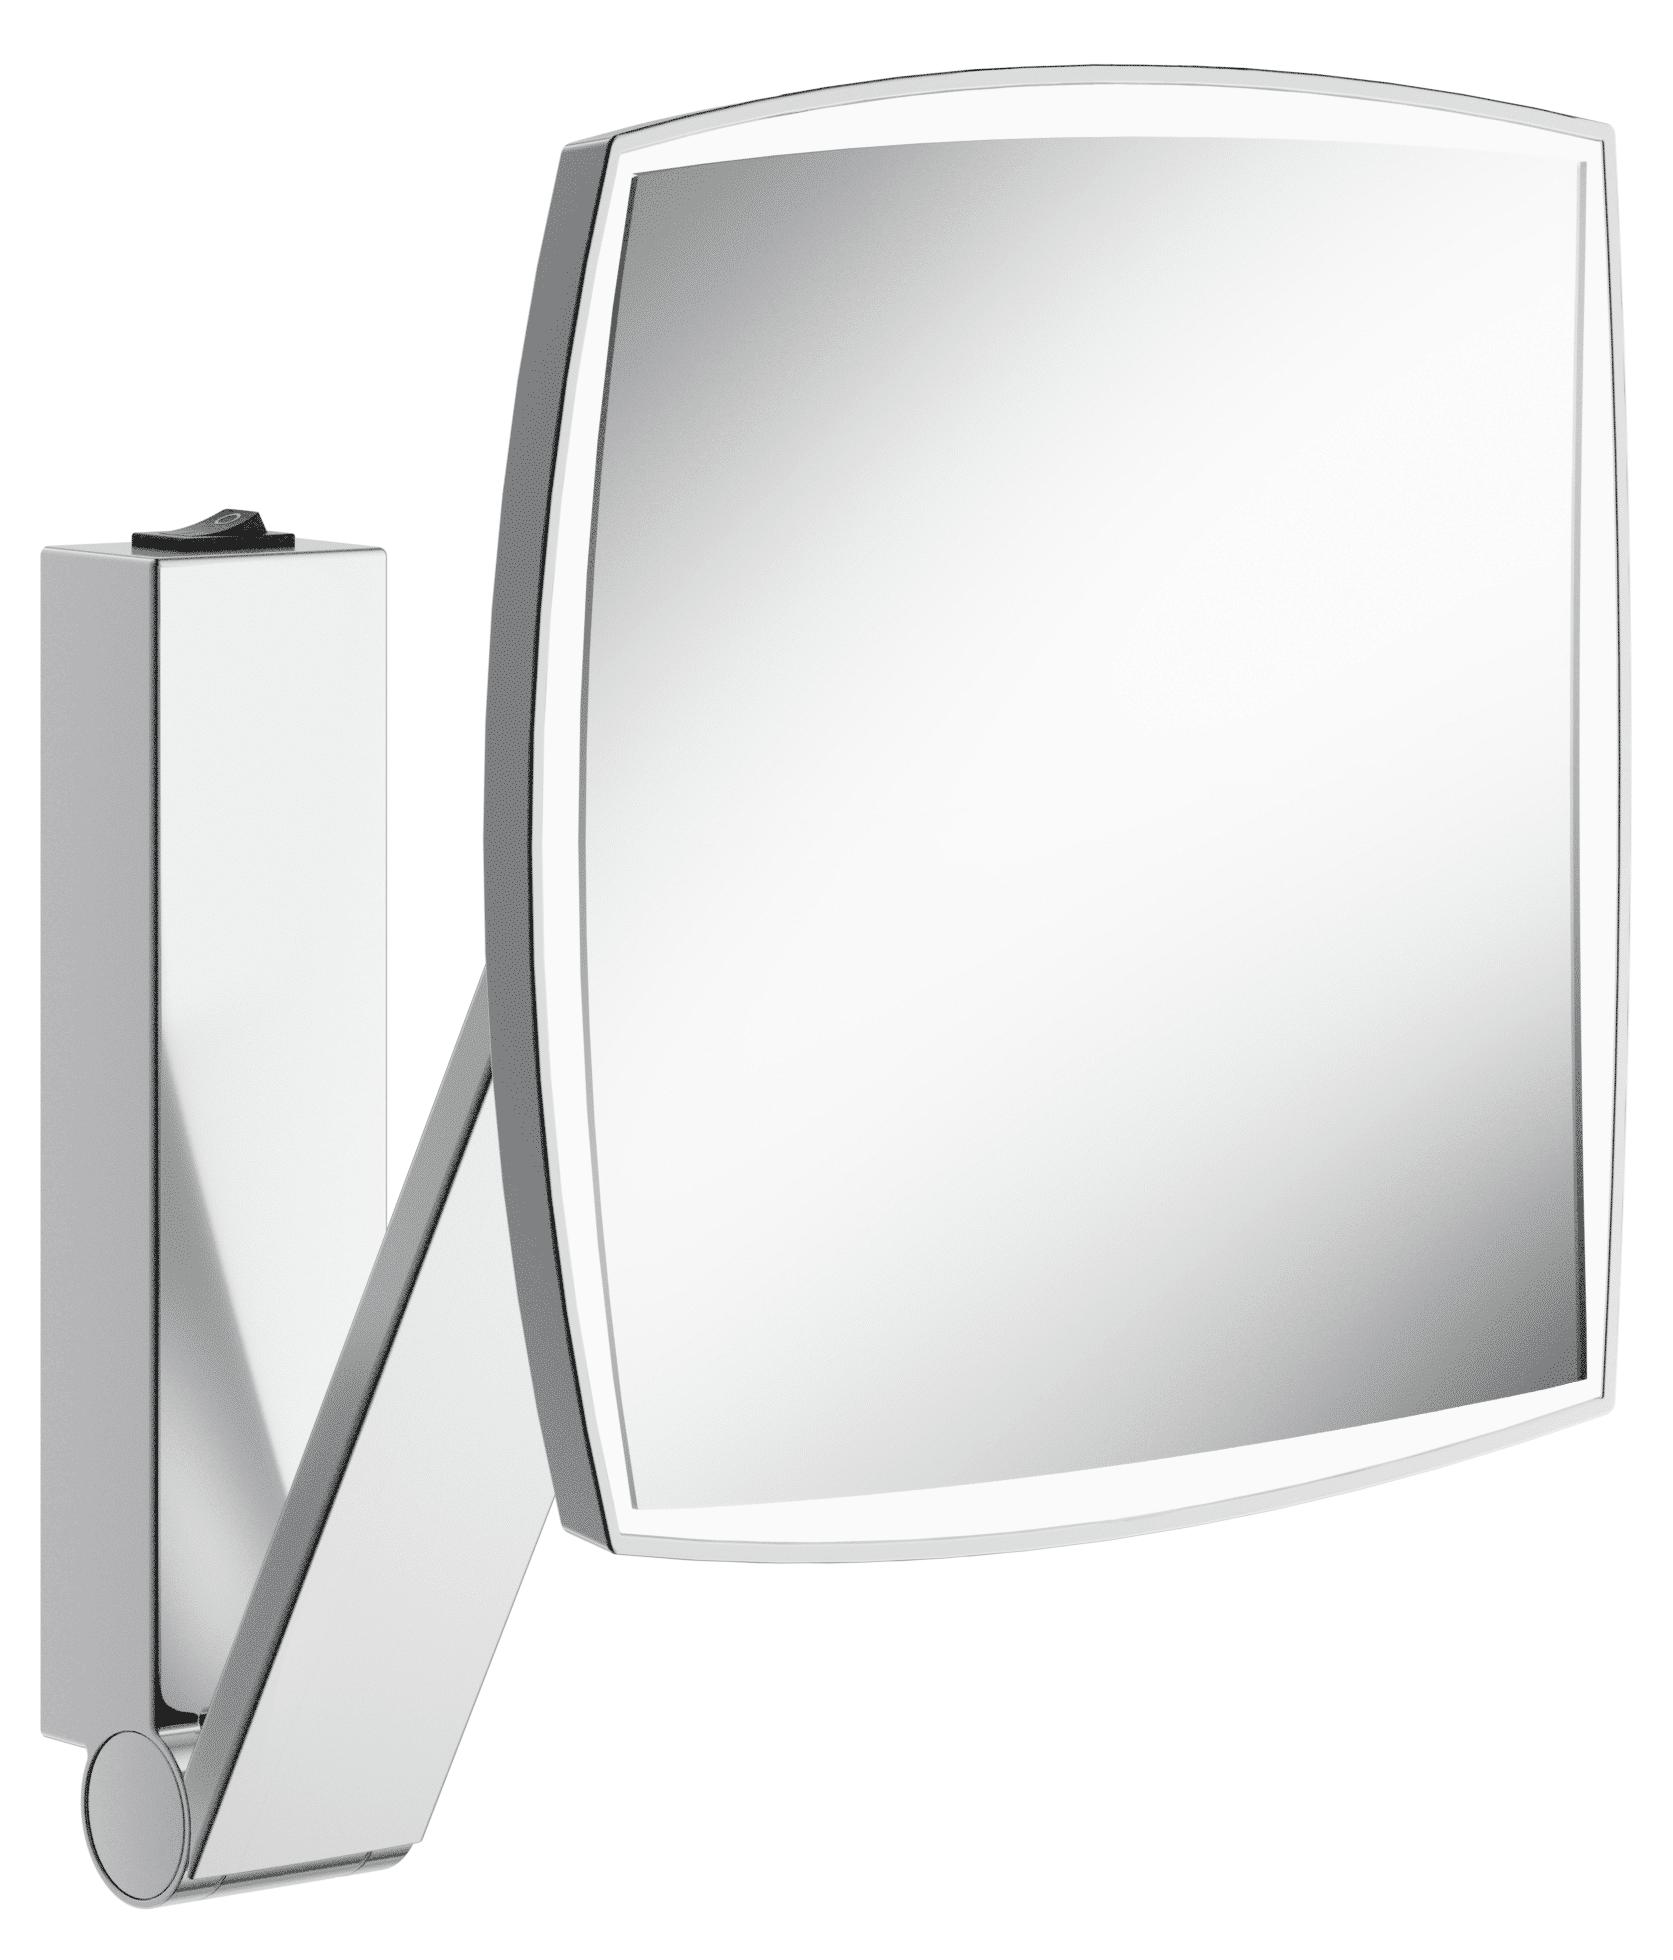 Keuco iLook_move - Miroir cosmétique chrome